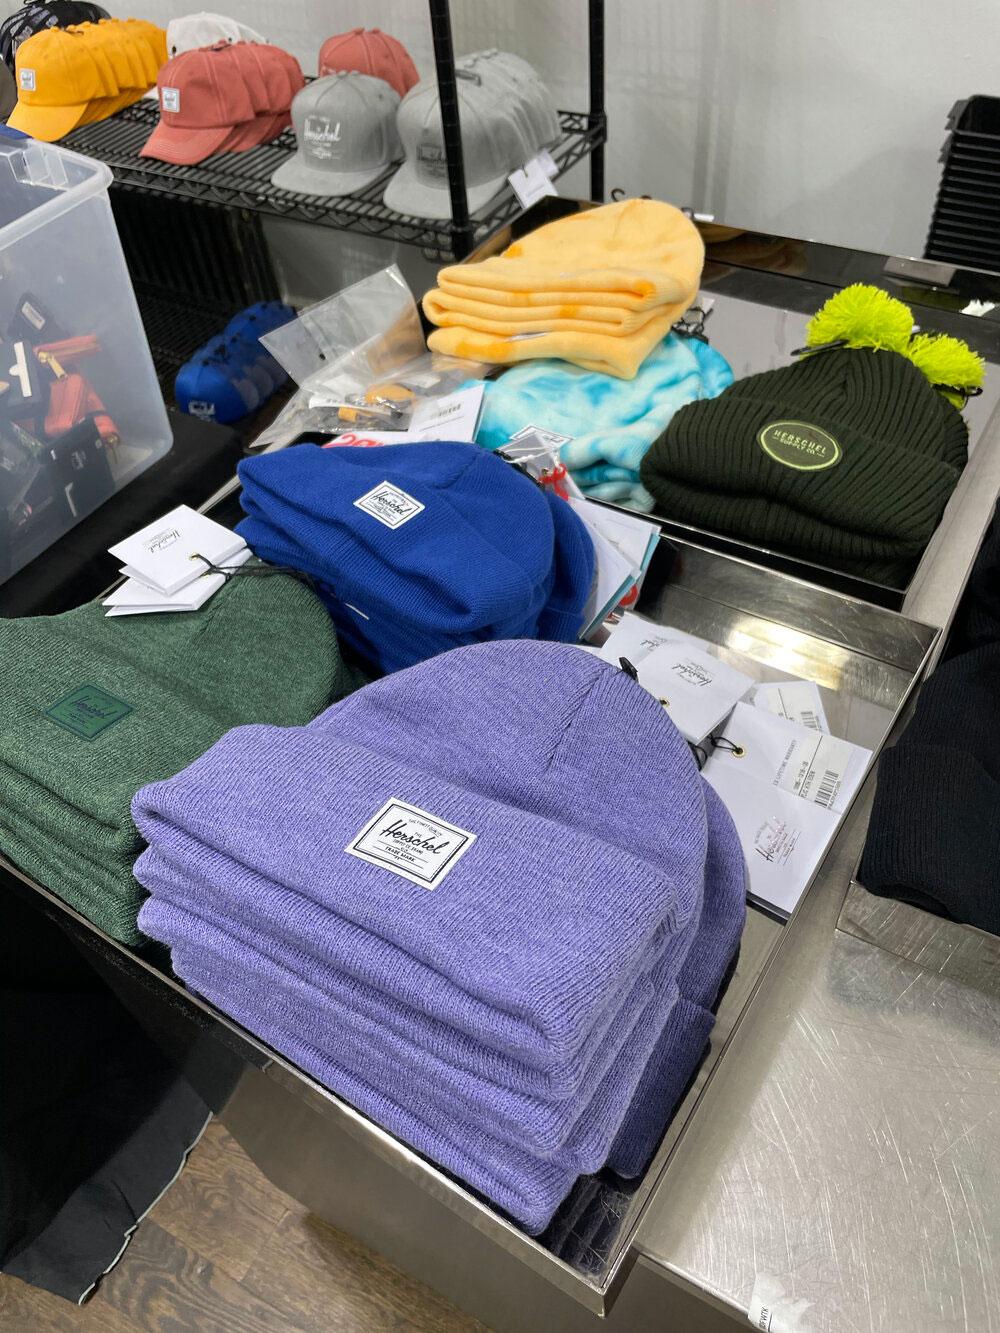 Herschel Sample Sale In Images